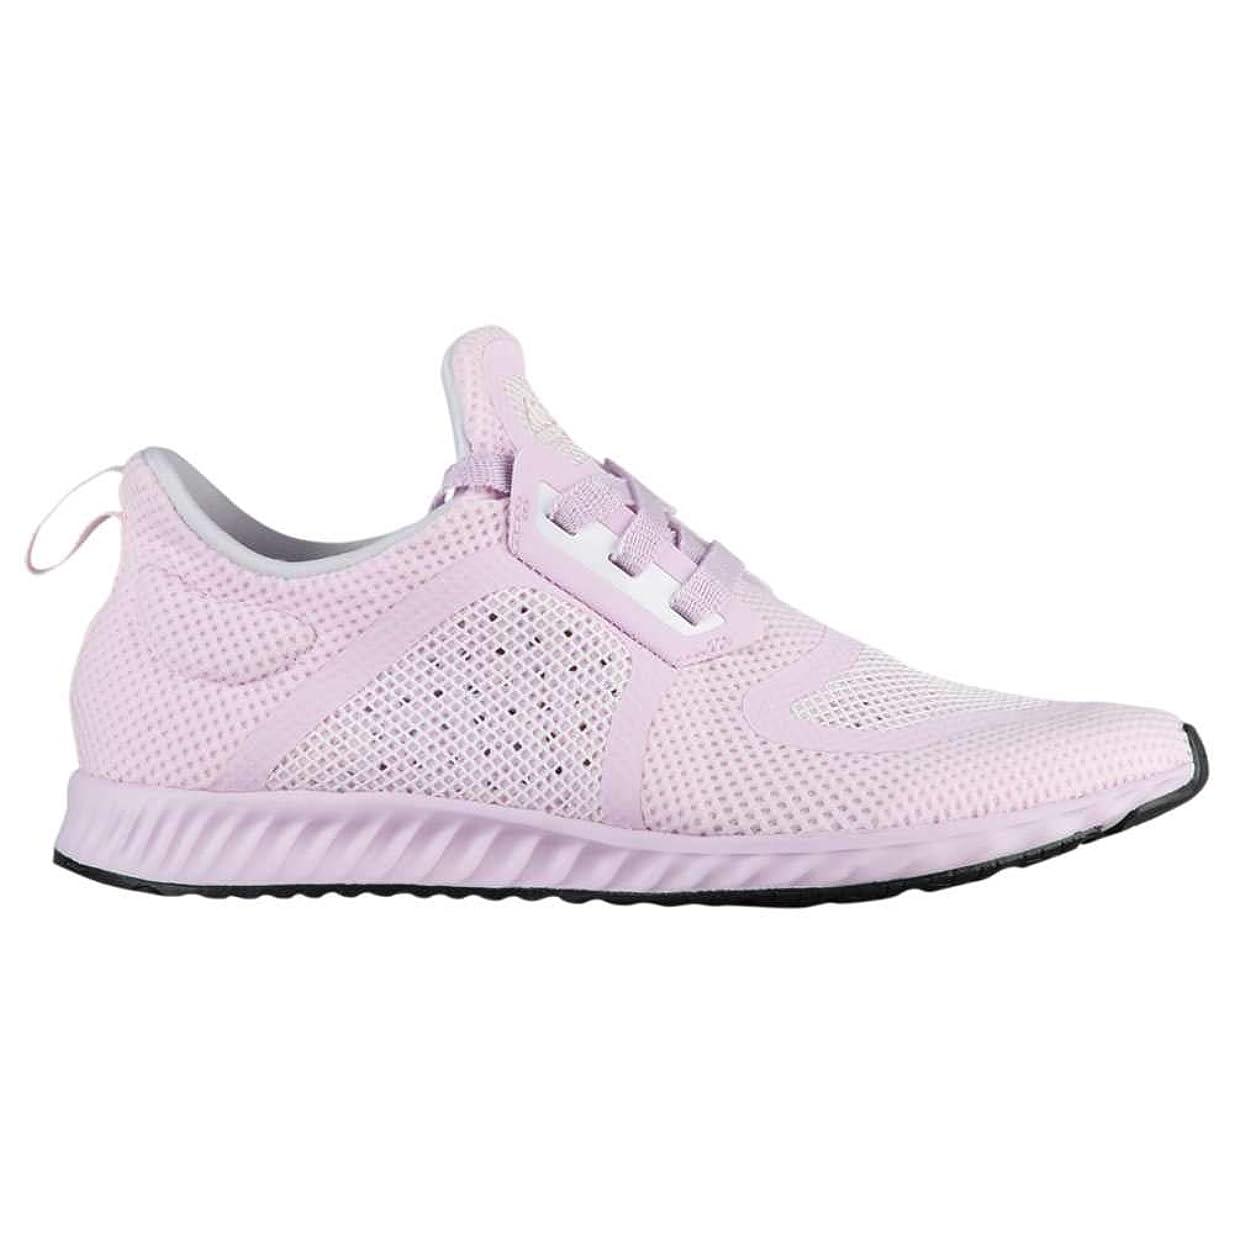 隠達成可能マサッチョ(アディダス) adidas レディース ランニング?ウォーキング シューズ?靴 Edge Lux Clima [並行輸入品]